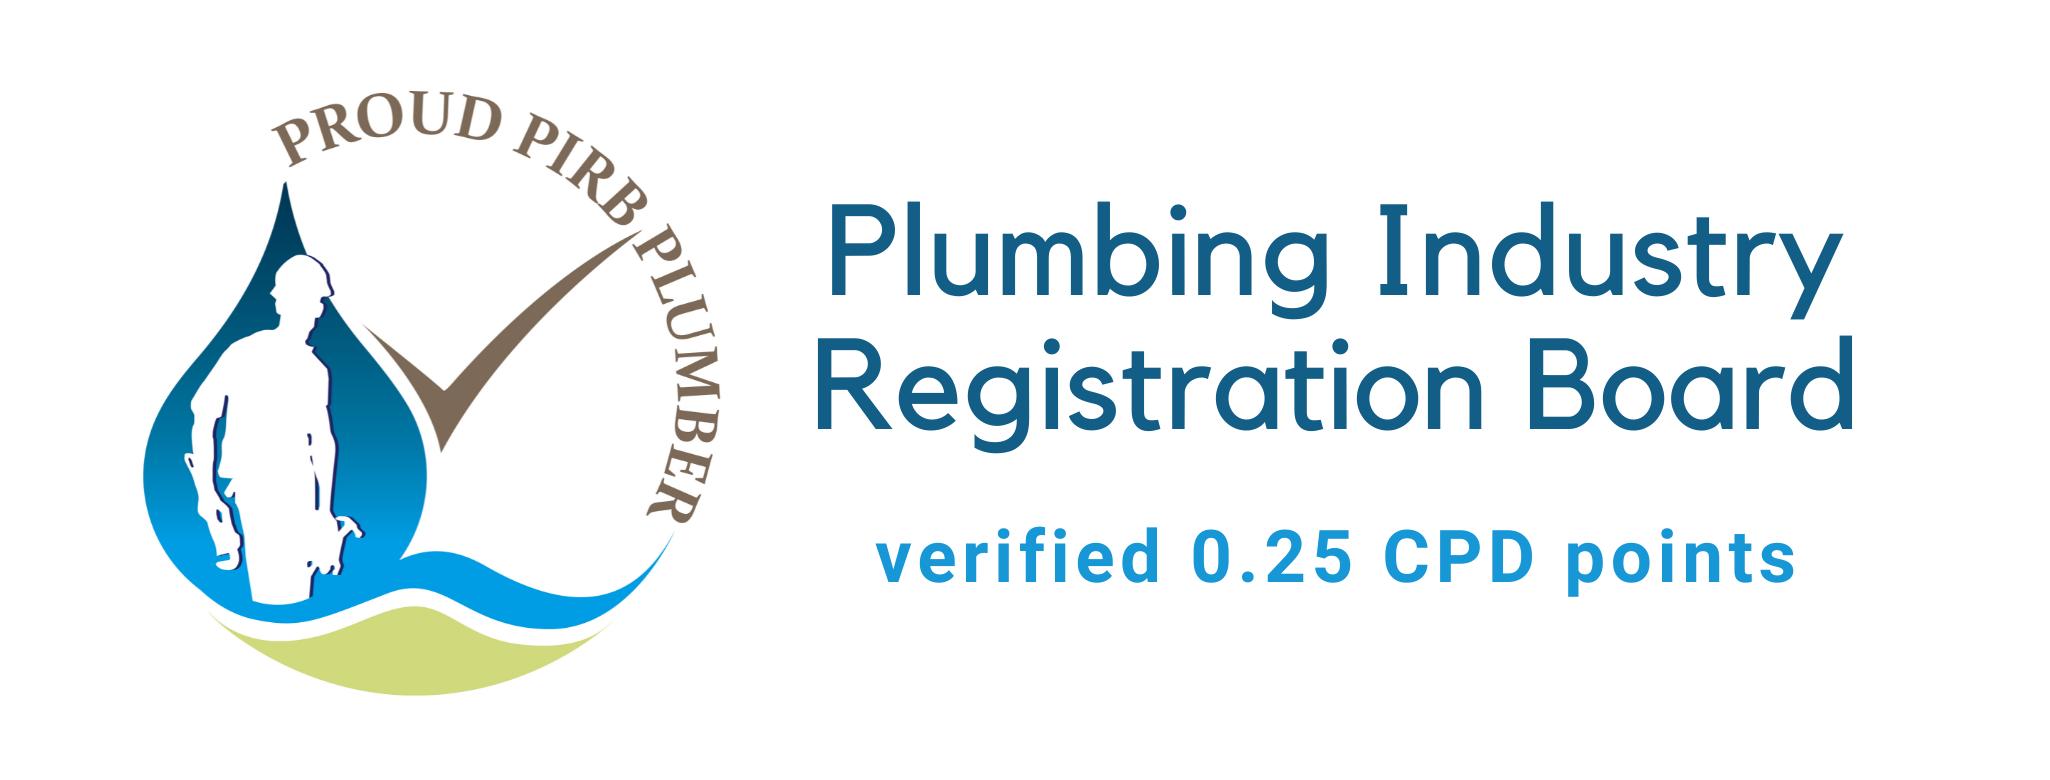 Plumbing Industry Registration Board